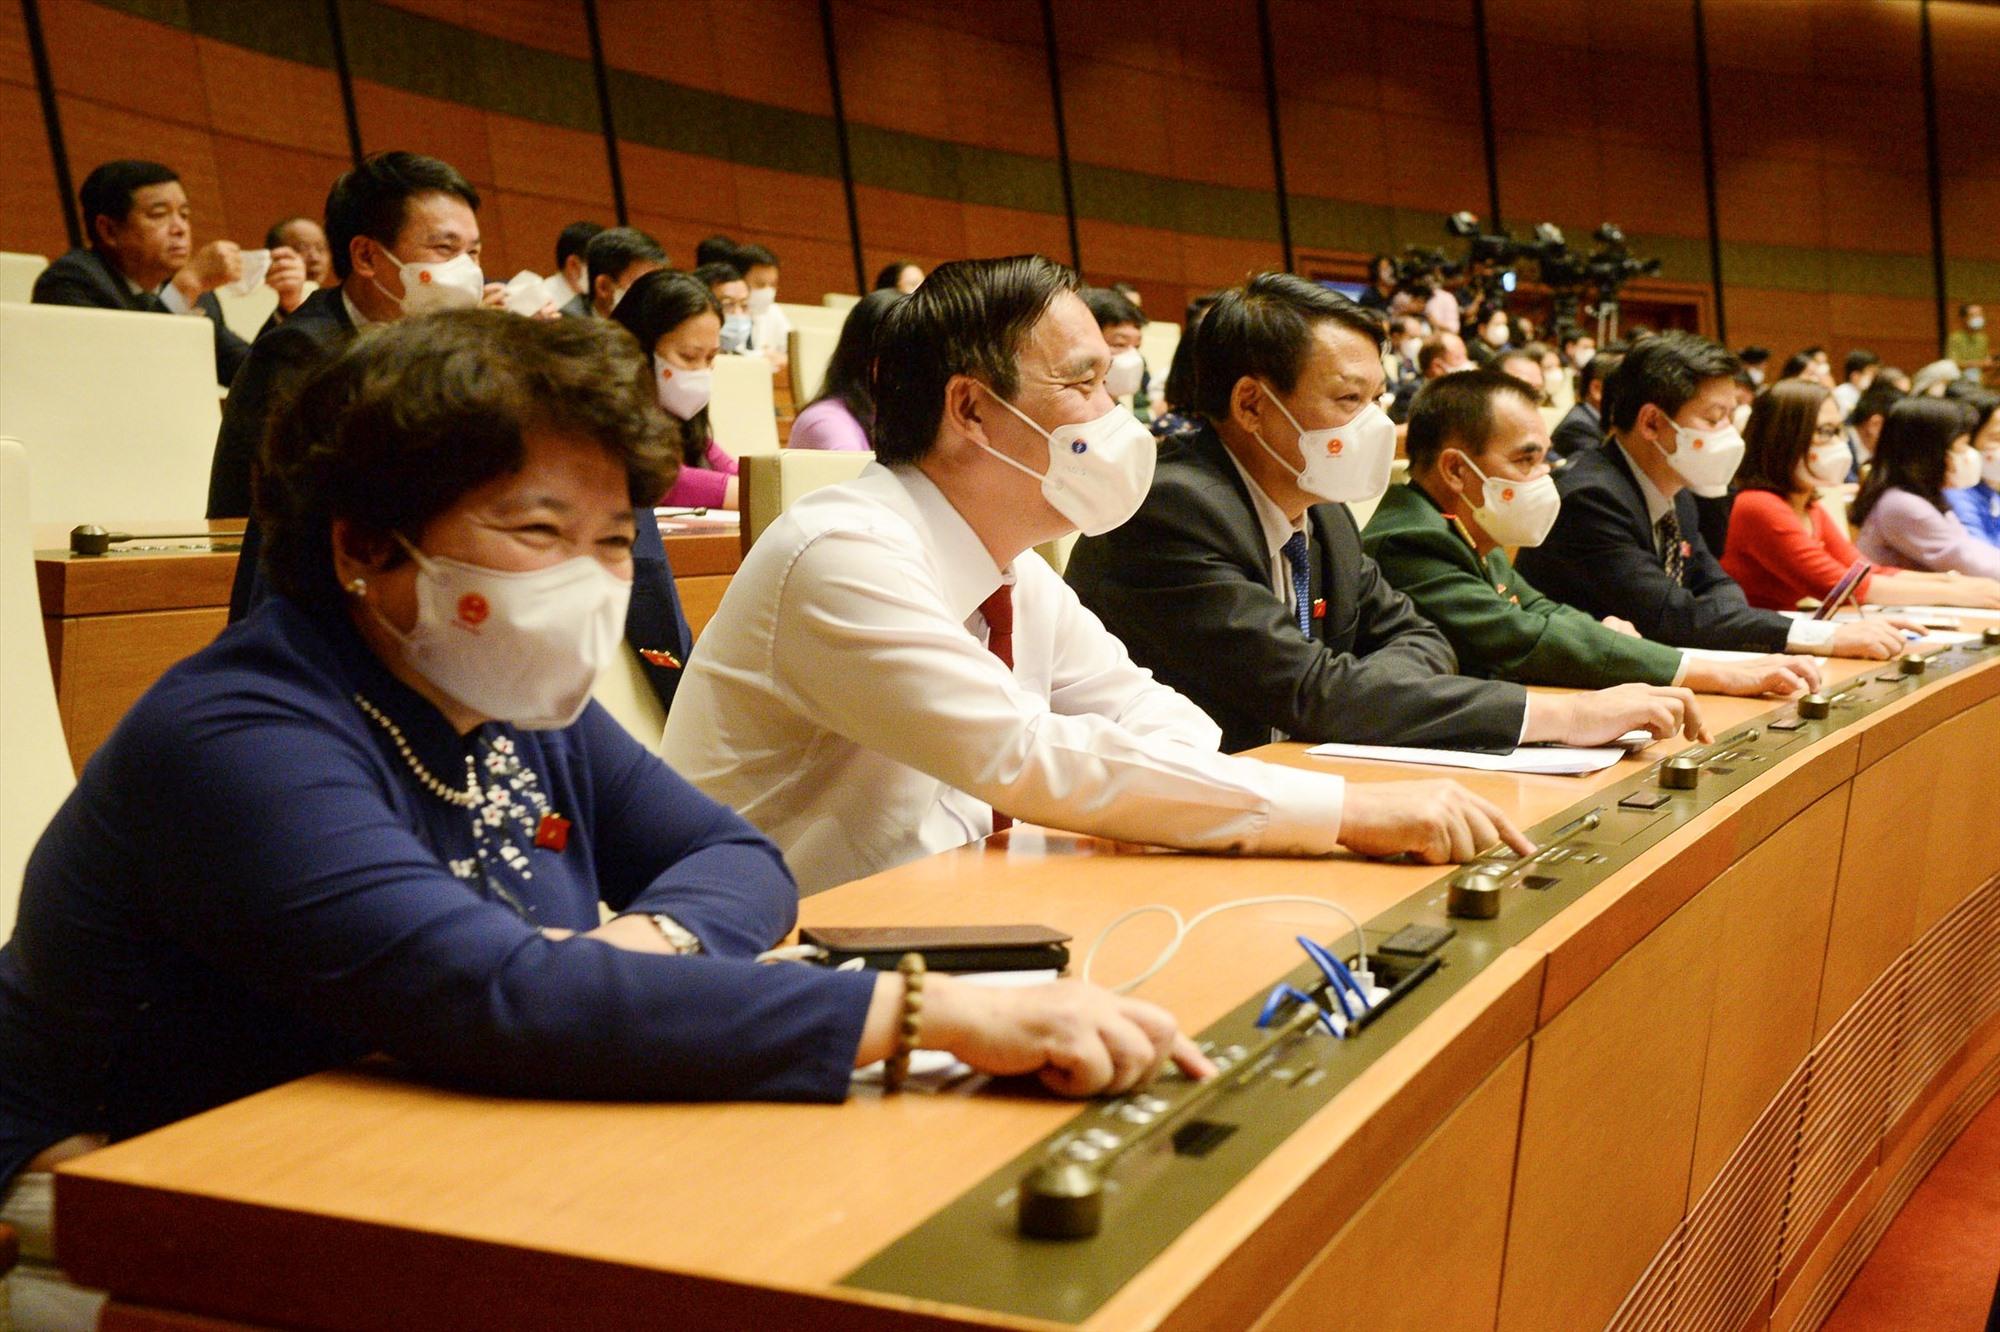 Các đại biểu ấn nút thông qua các Nghị quyết về phê chuẩn việc bổ nhiệm Phó Thủ tướng, Bộ trưởng và các thành viên khác của Chính phủ.